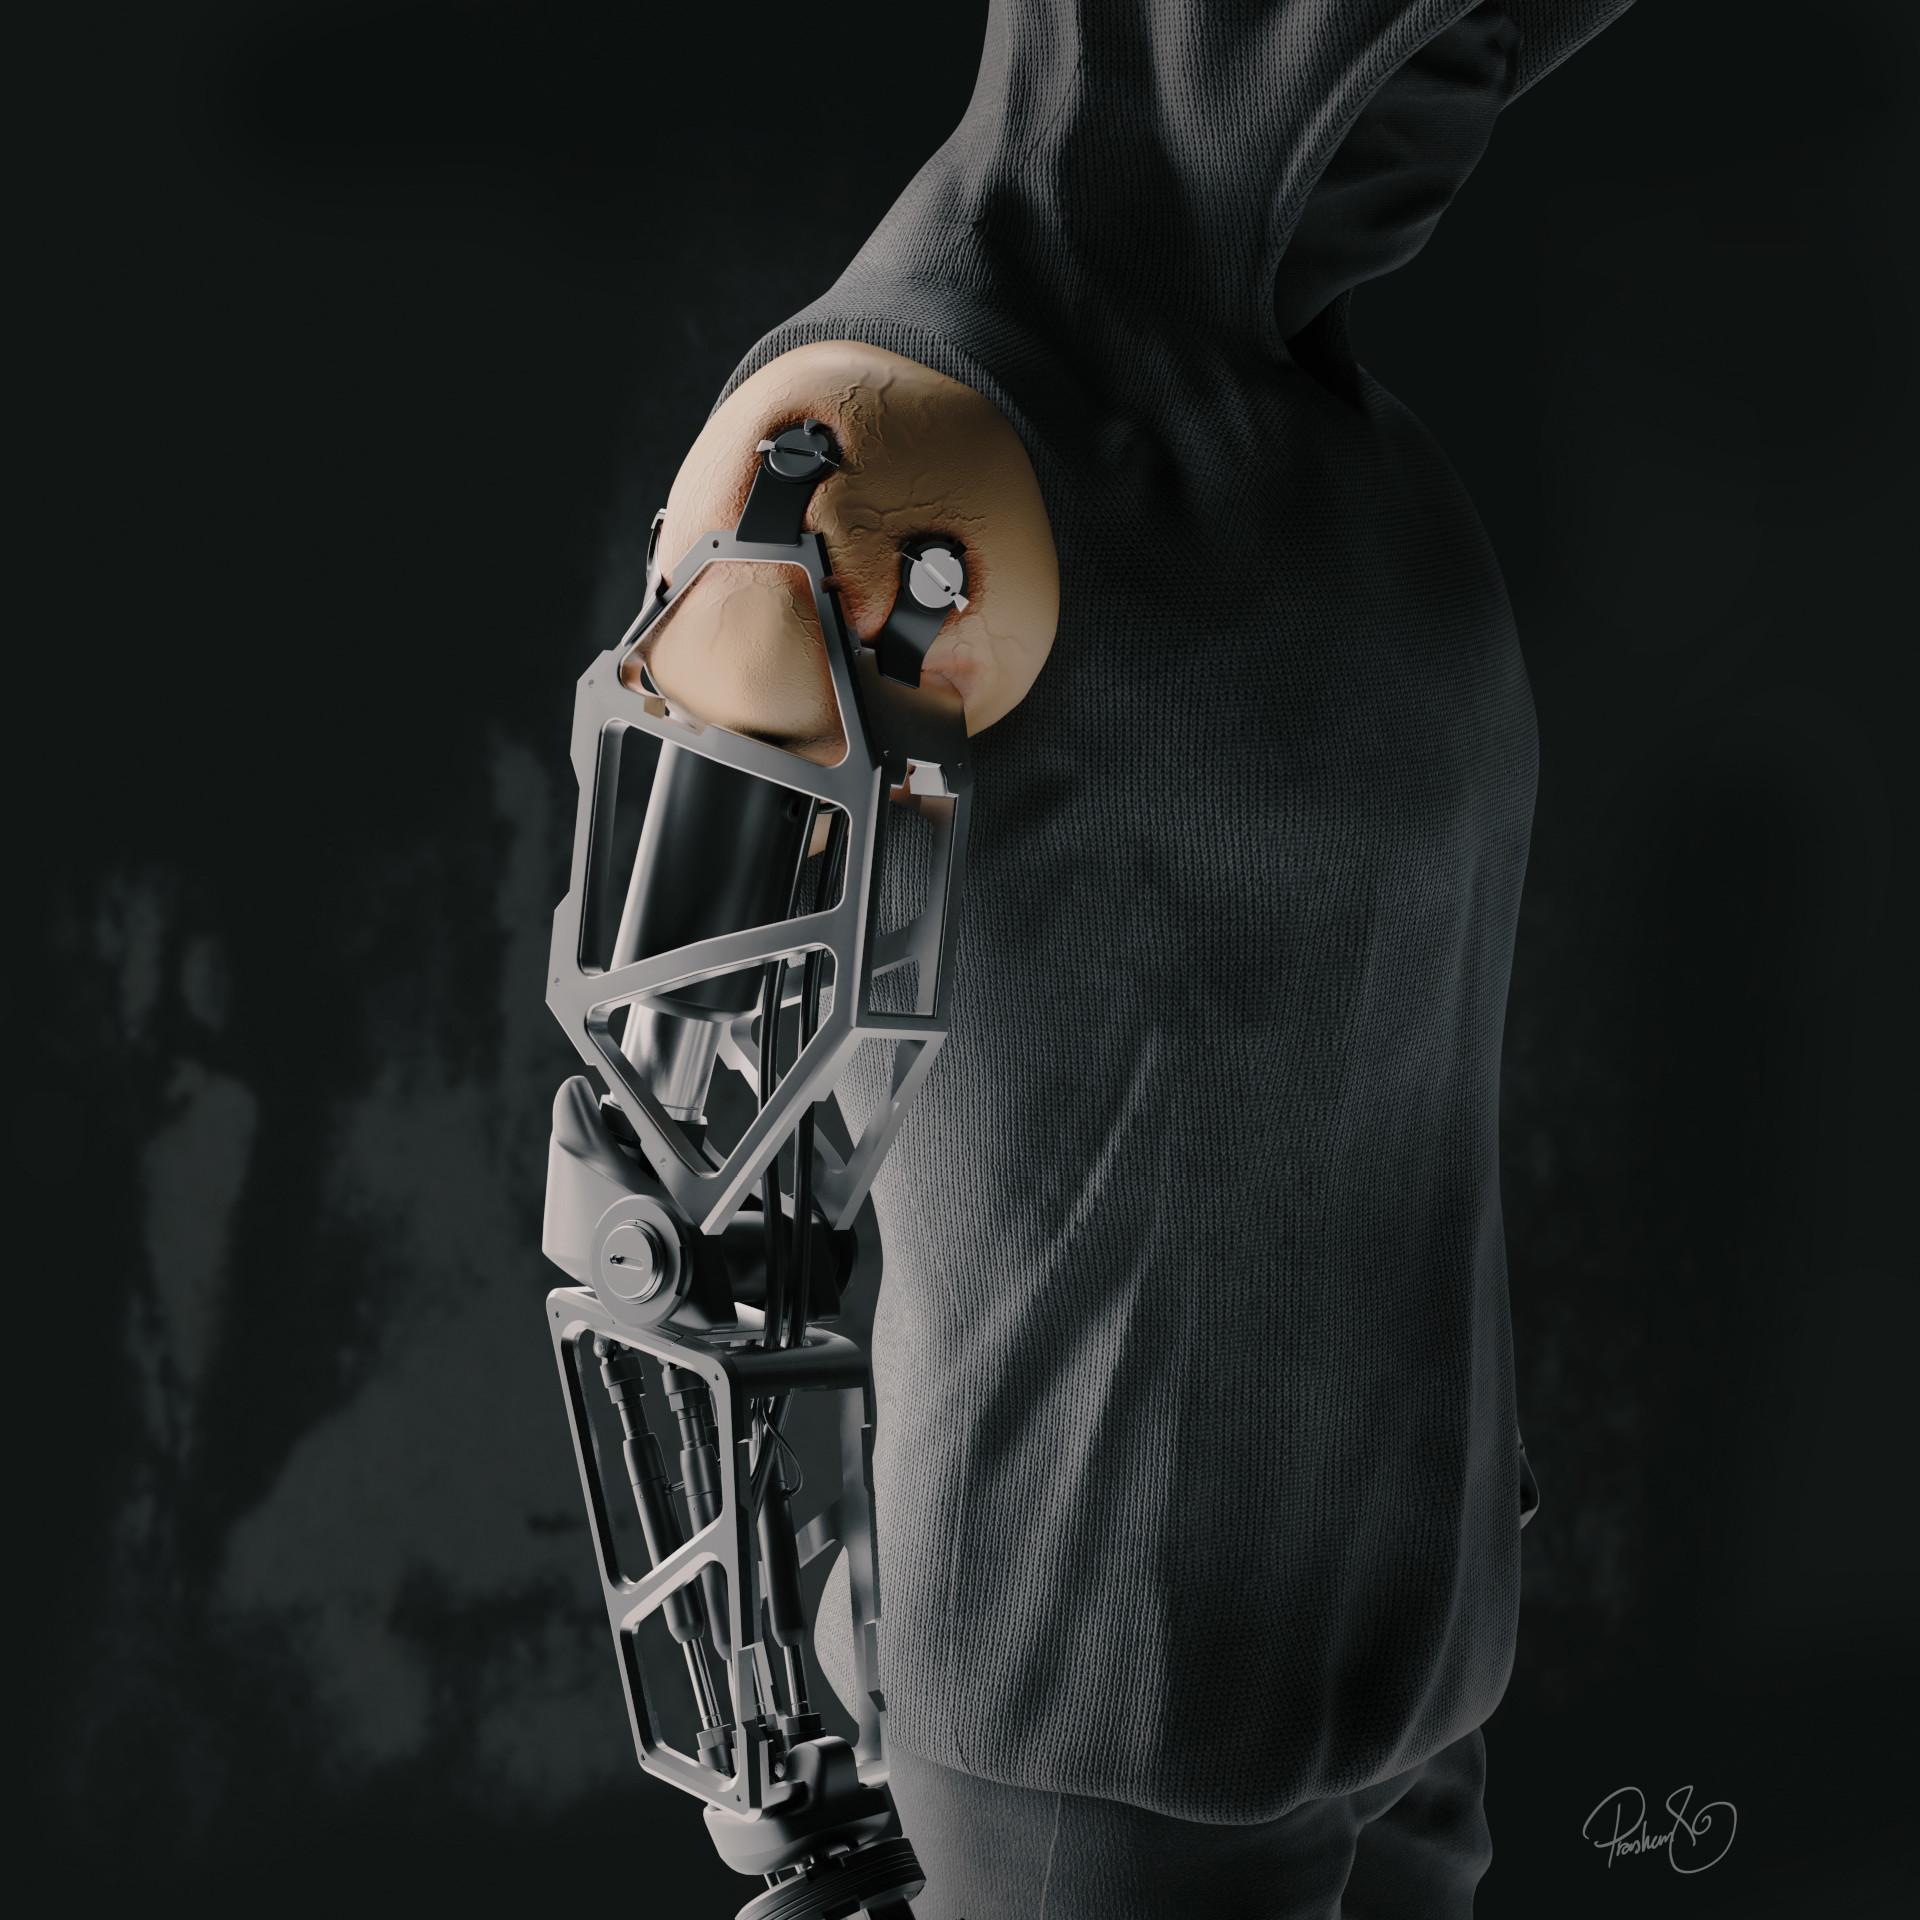 Prashan s cyborg 05